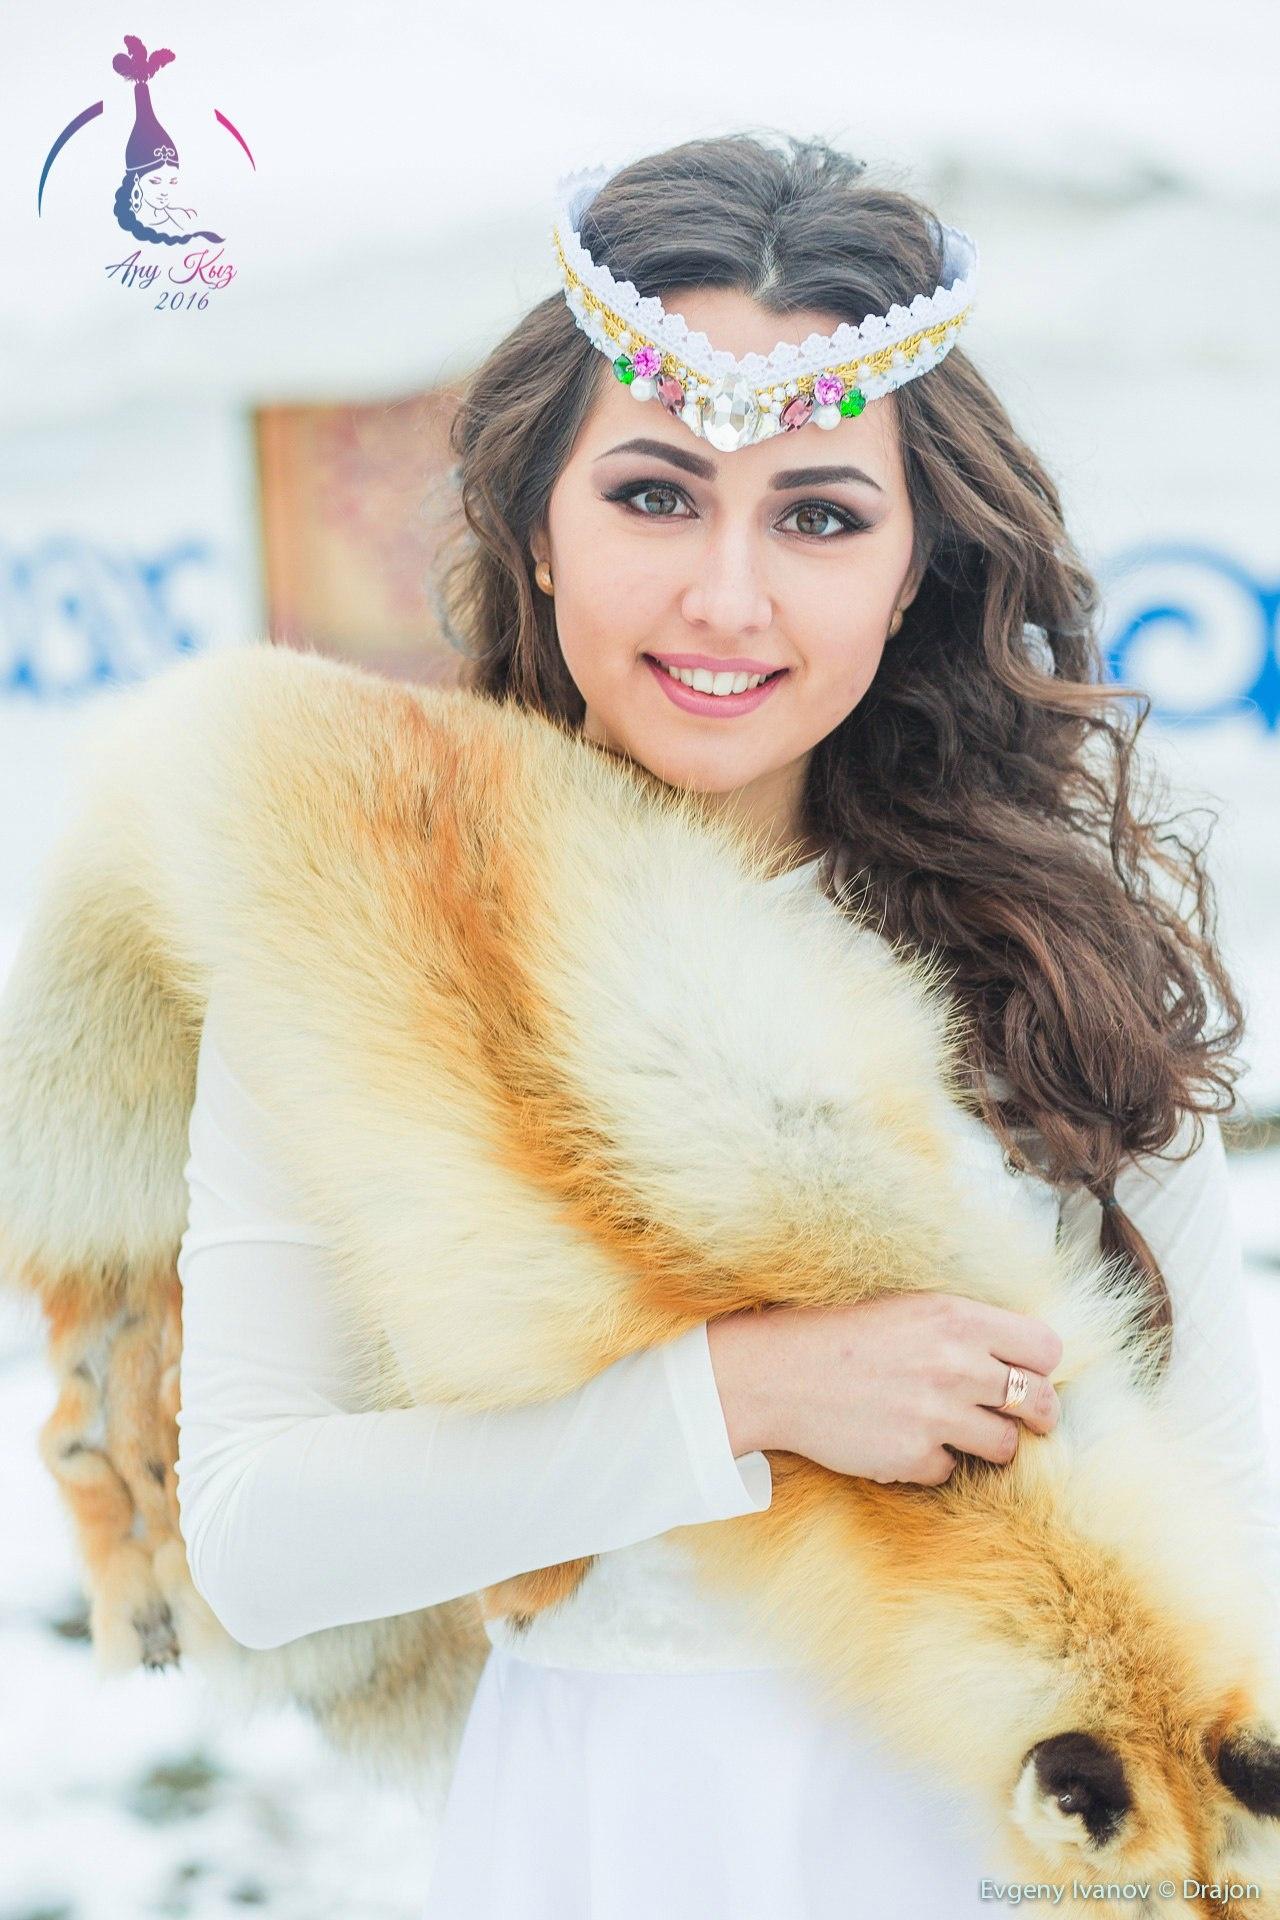 Аина Шартанбаева получила приз за лучший творческий номер